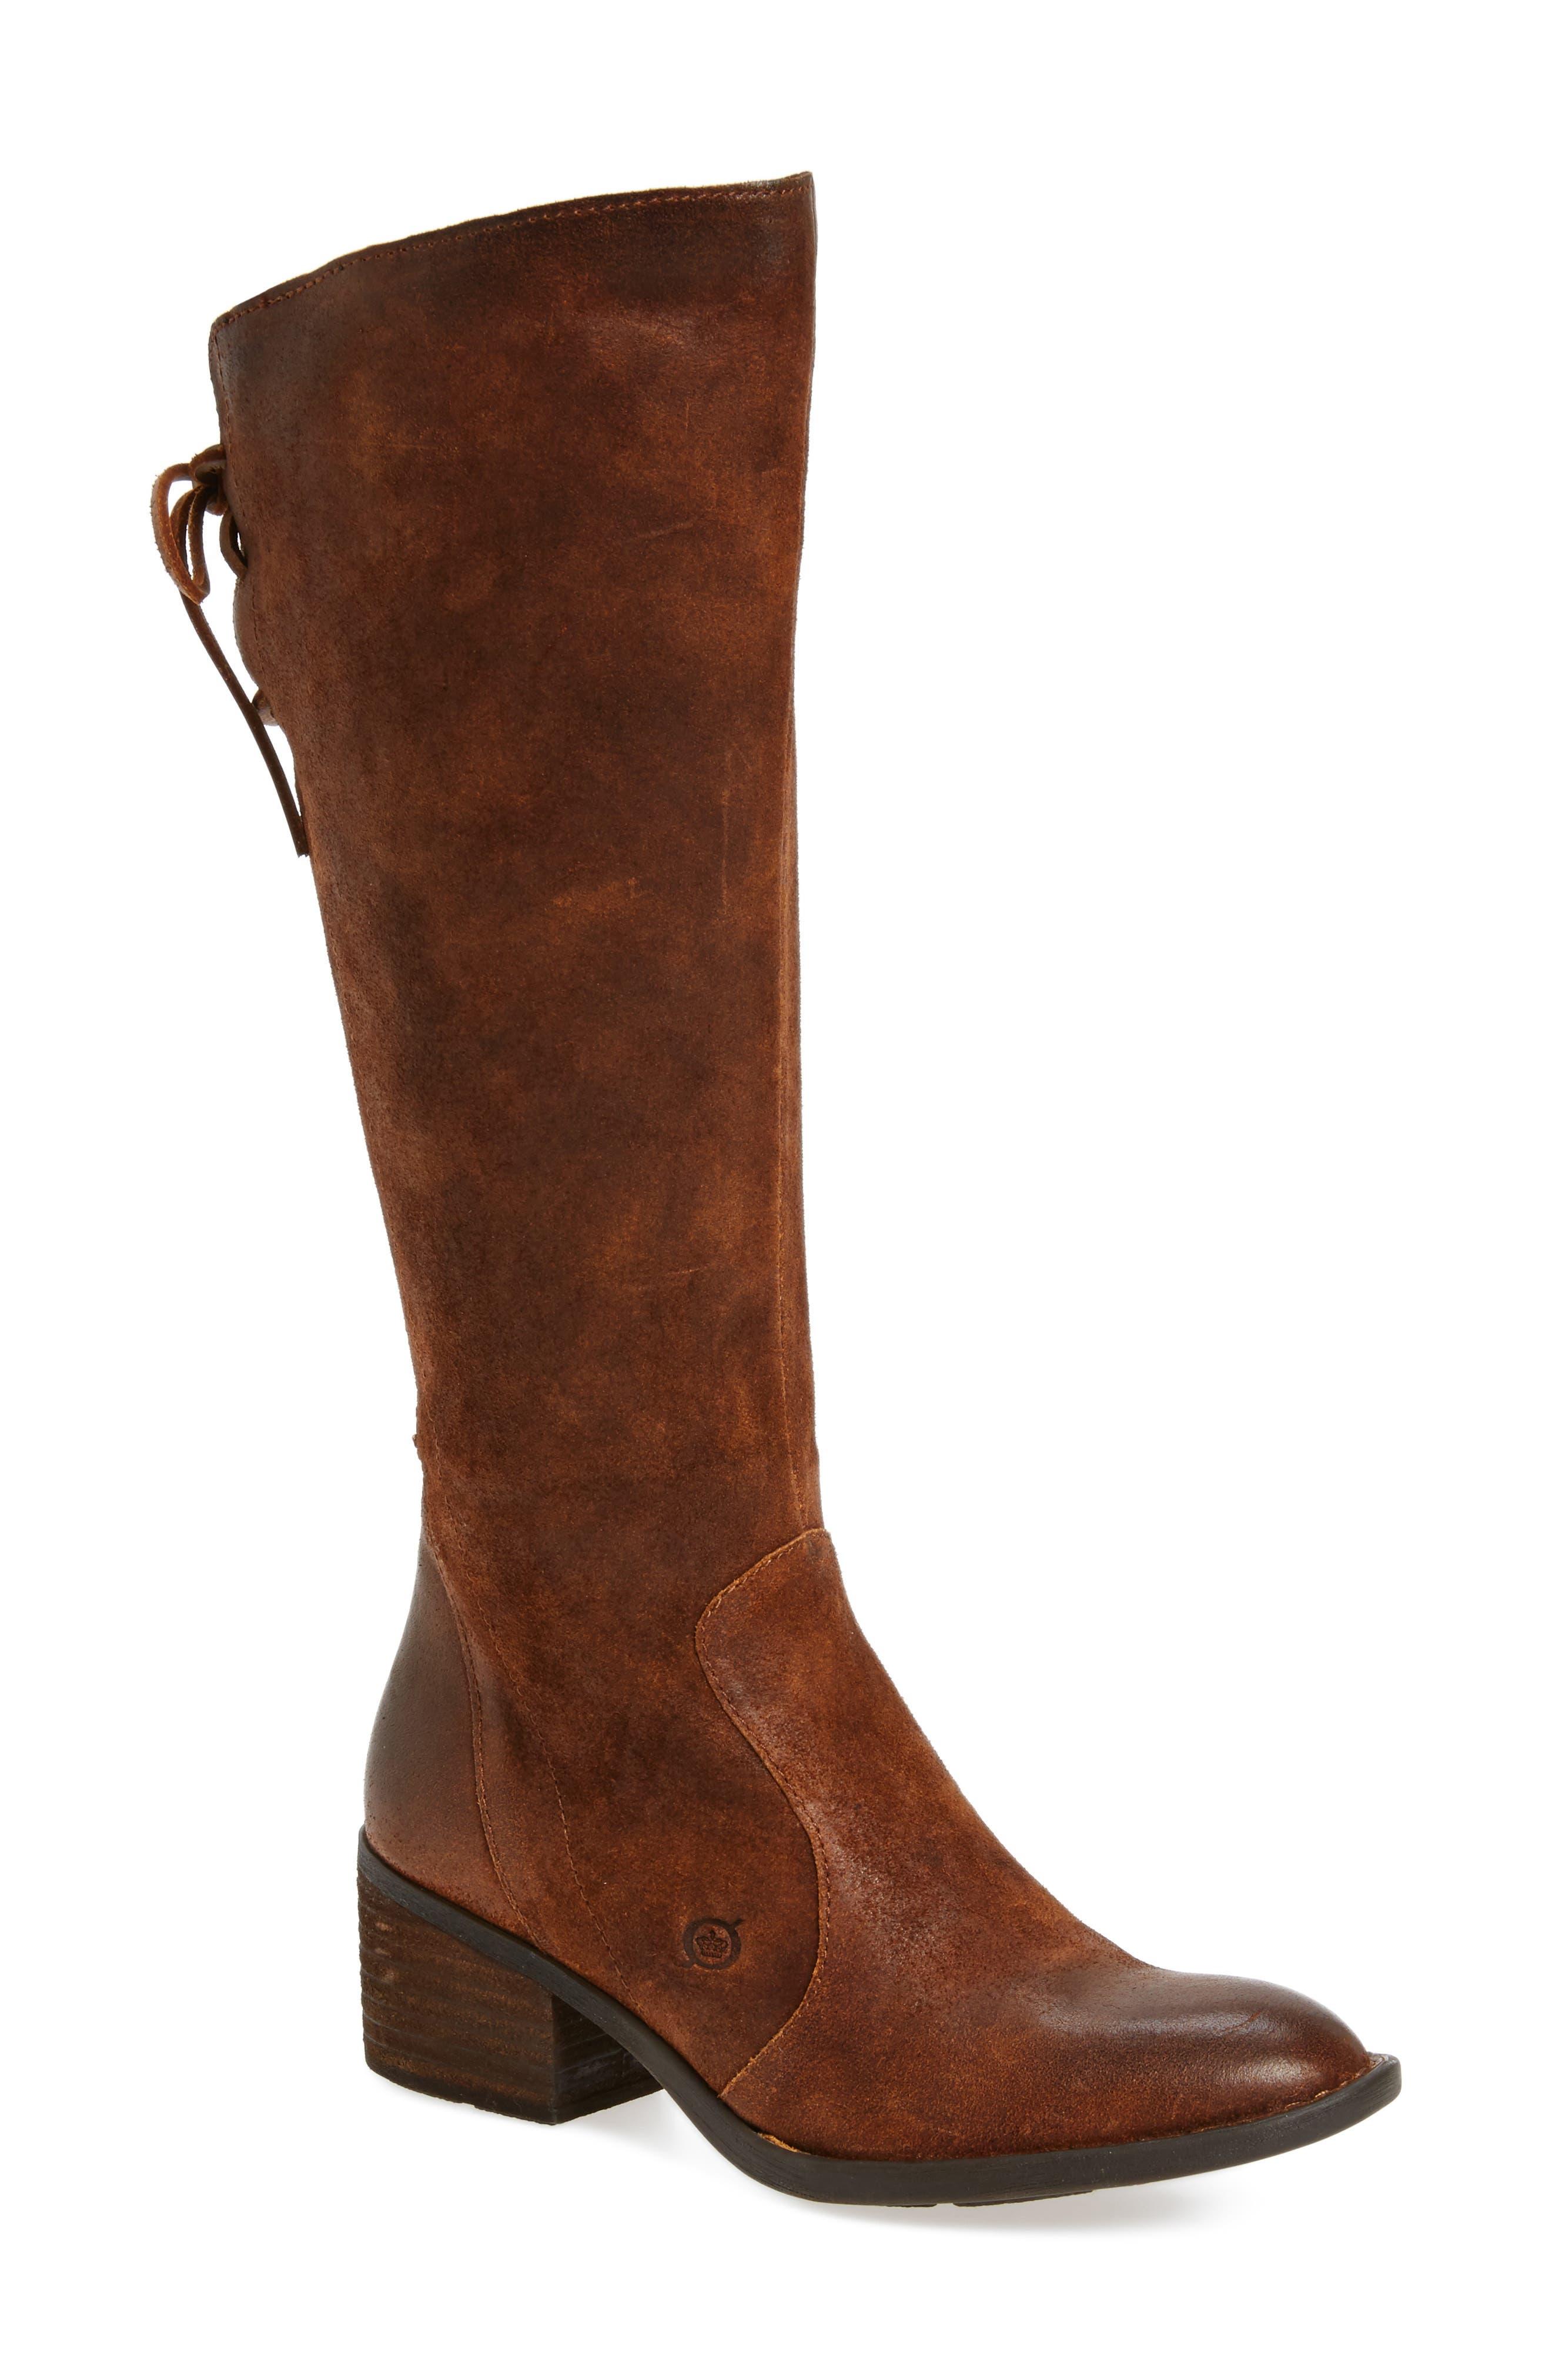 Børn Felicia Knee High Boot (Women) (Regular & Wide Calf)